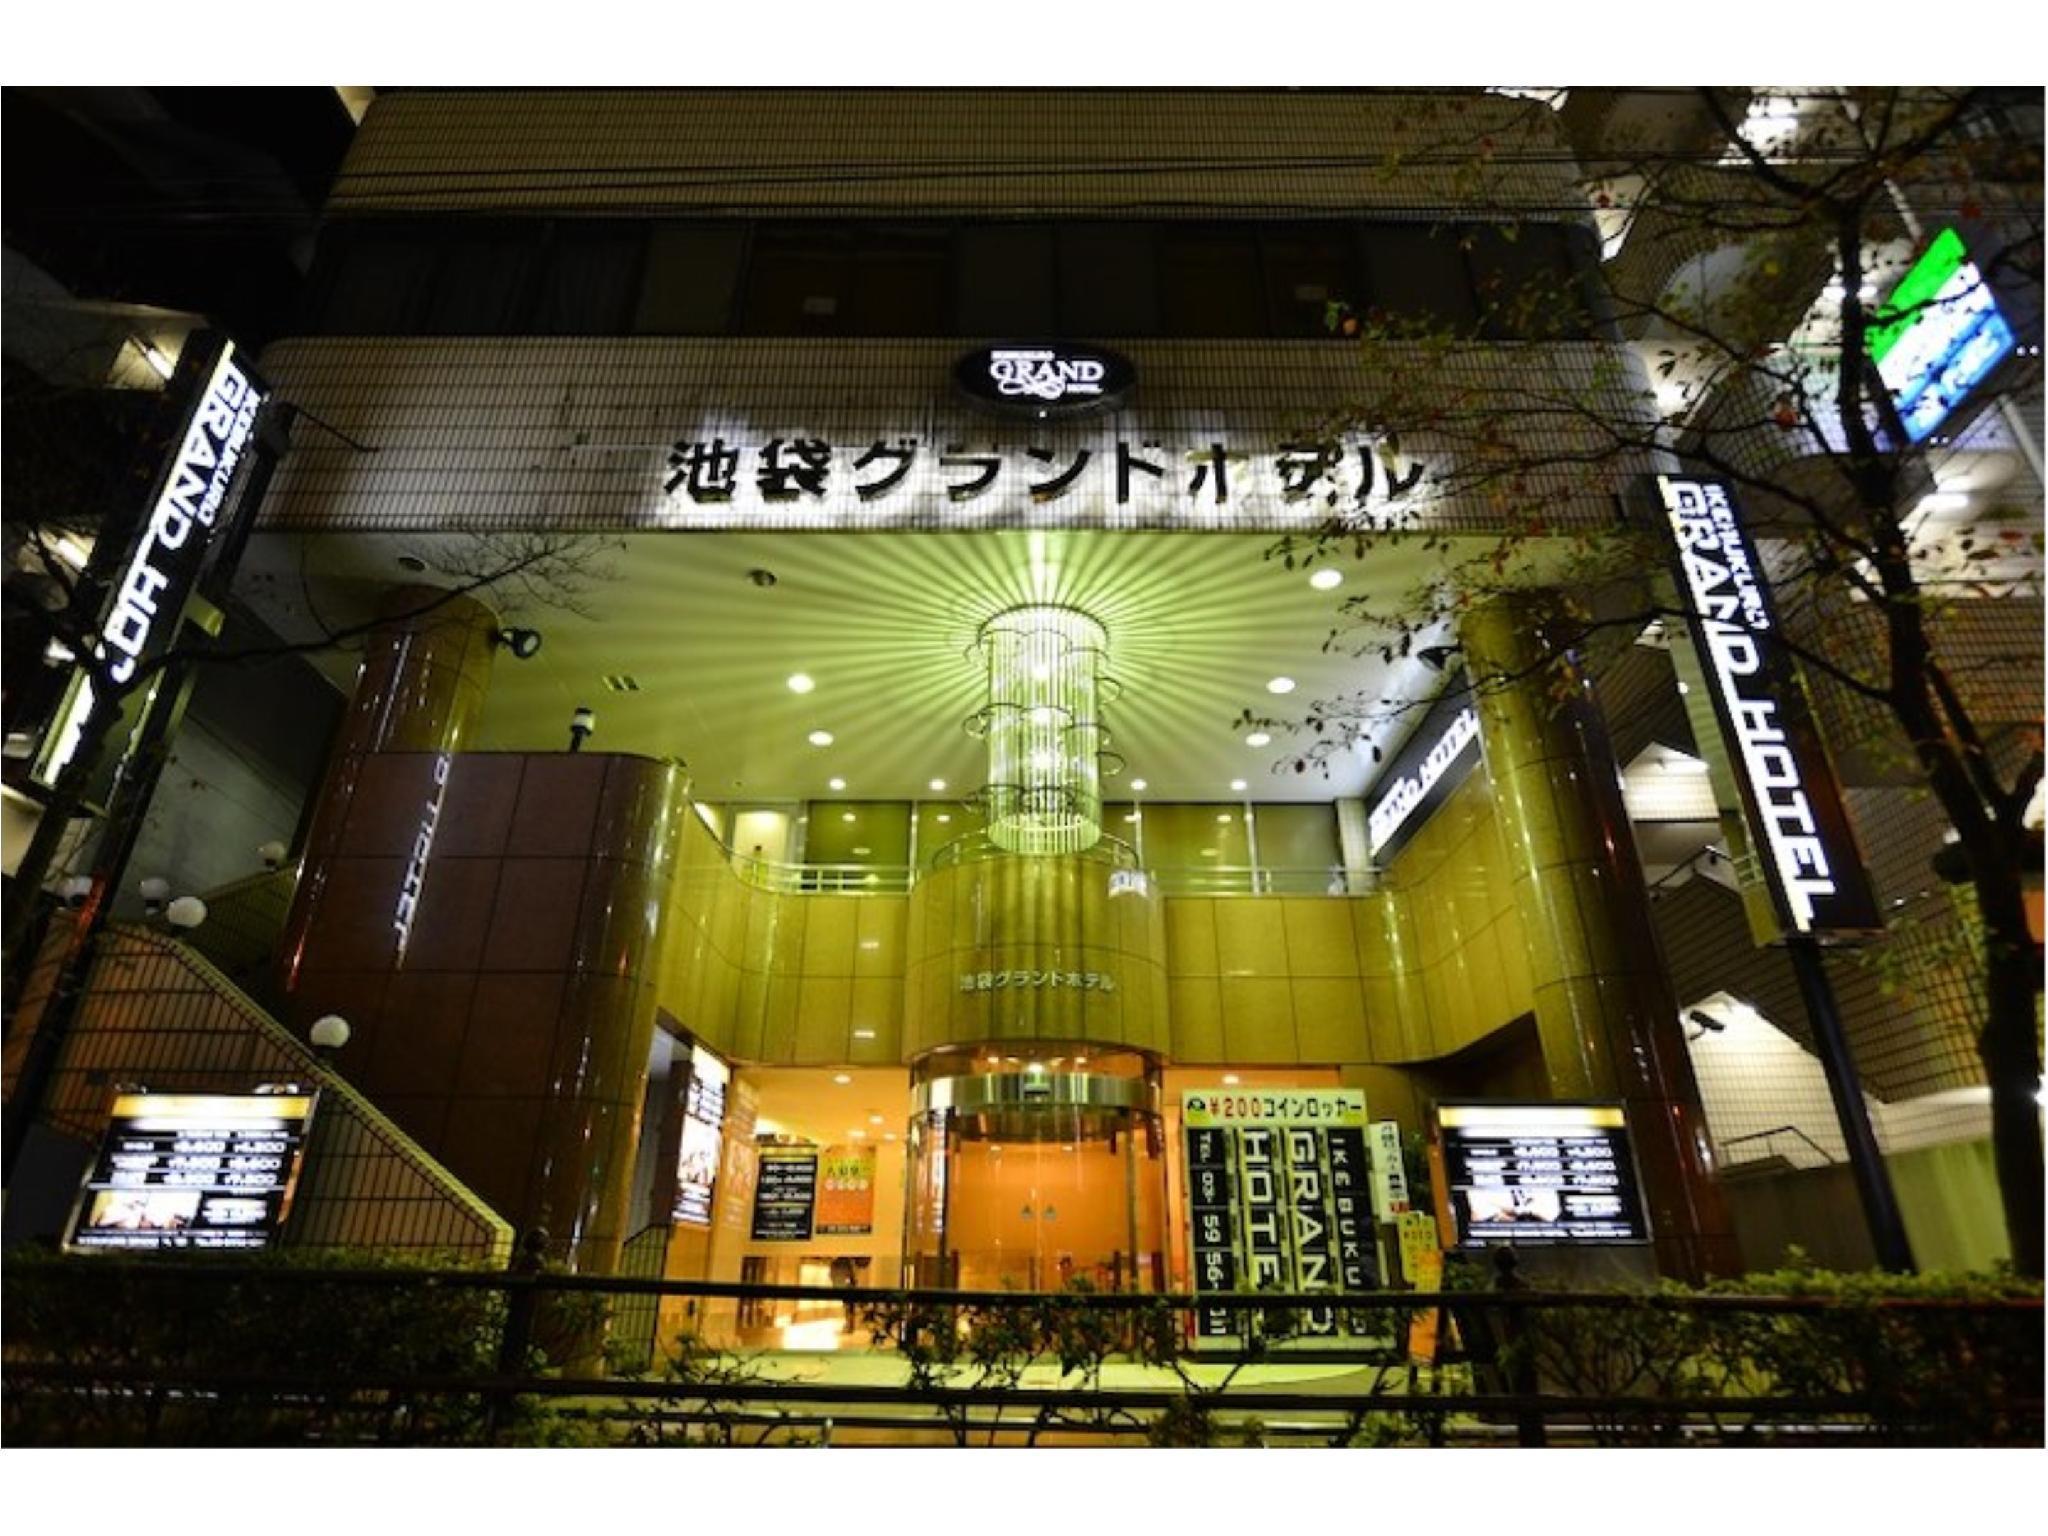 Ikebukuro Grand Hotel